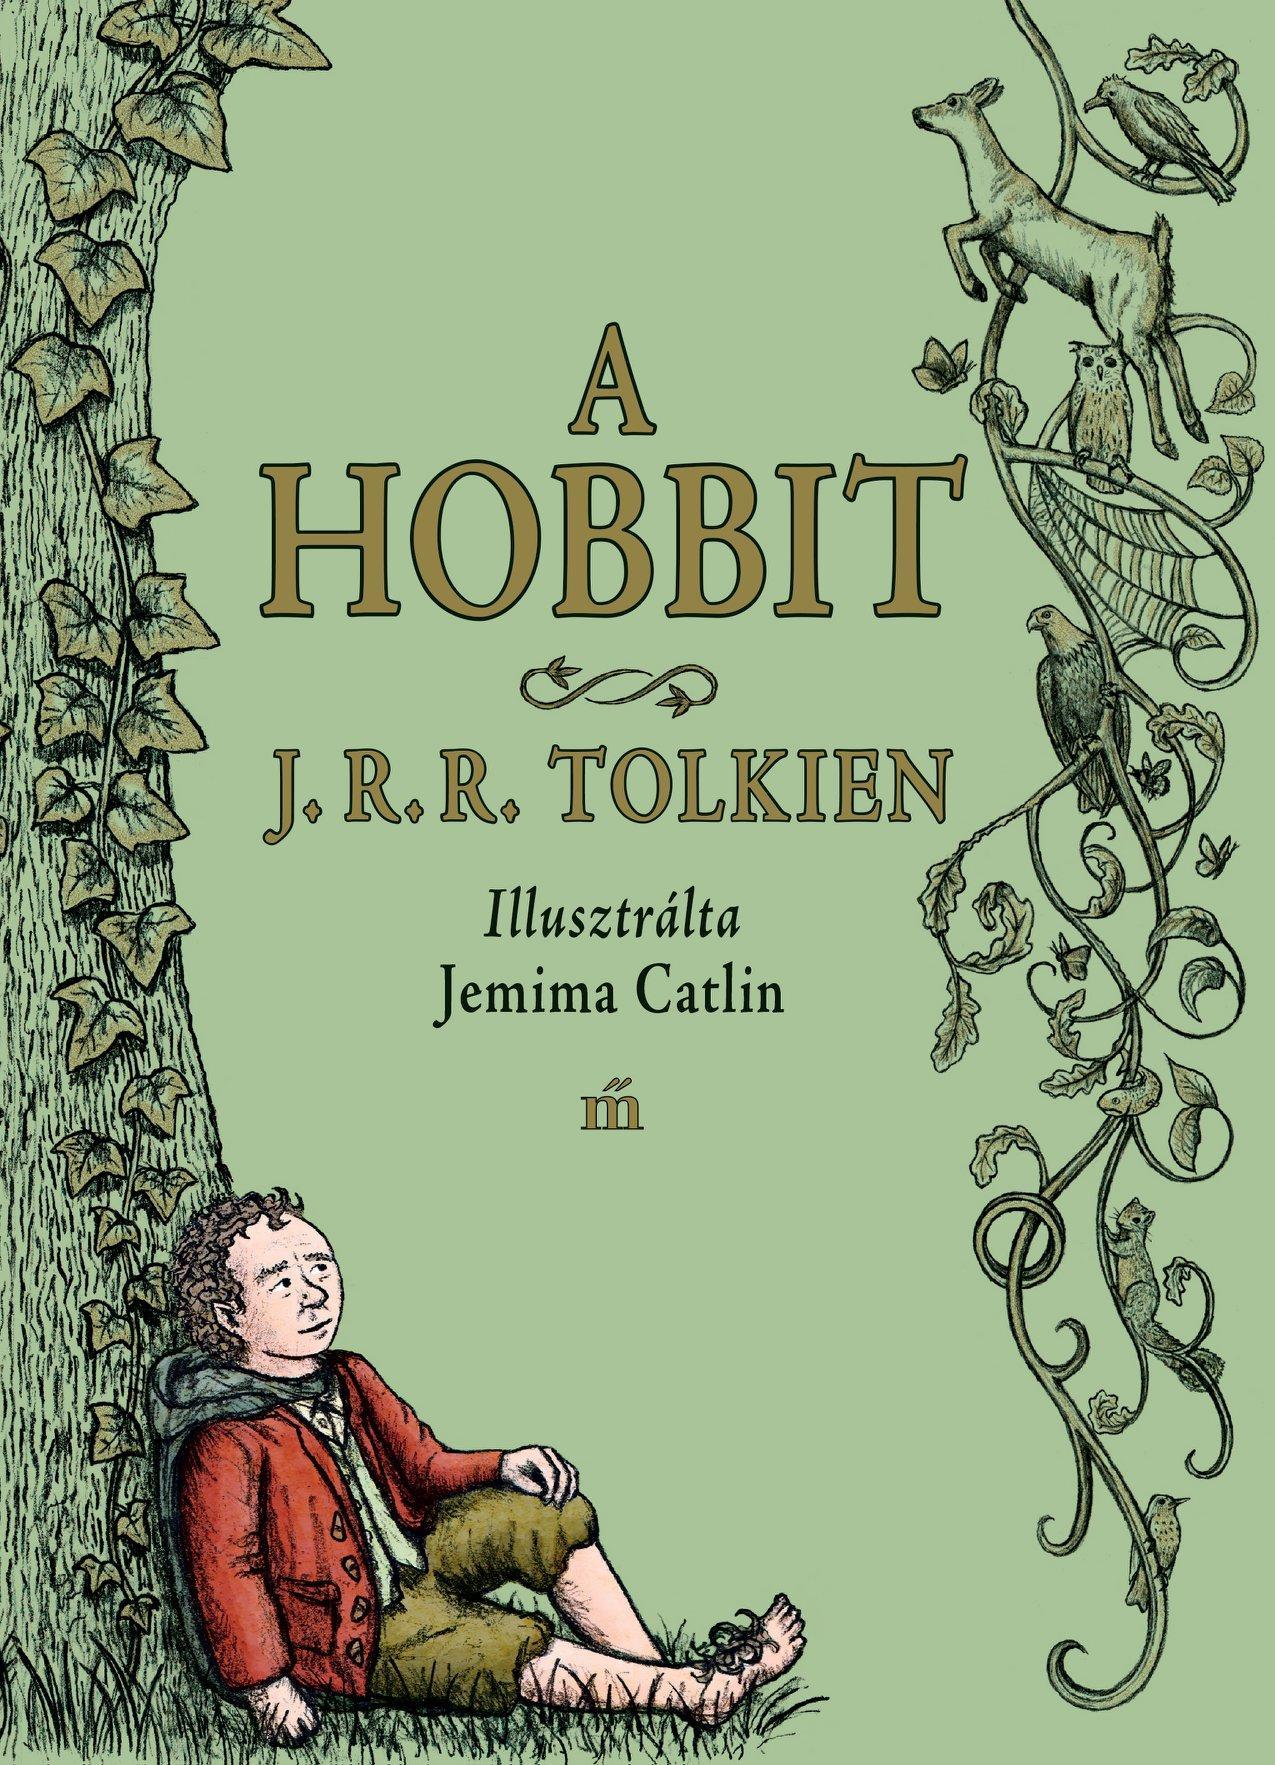 j_r_r_tolkien_a_hobbit_borito.jpg